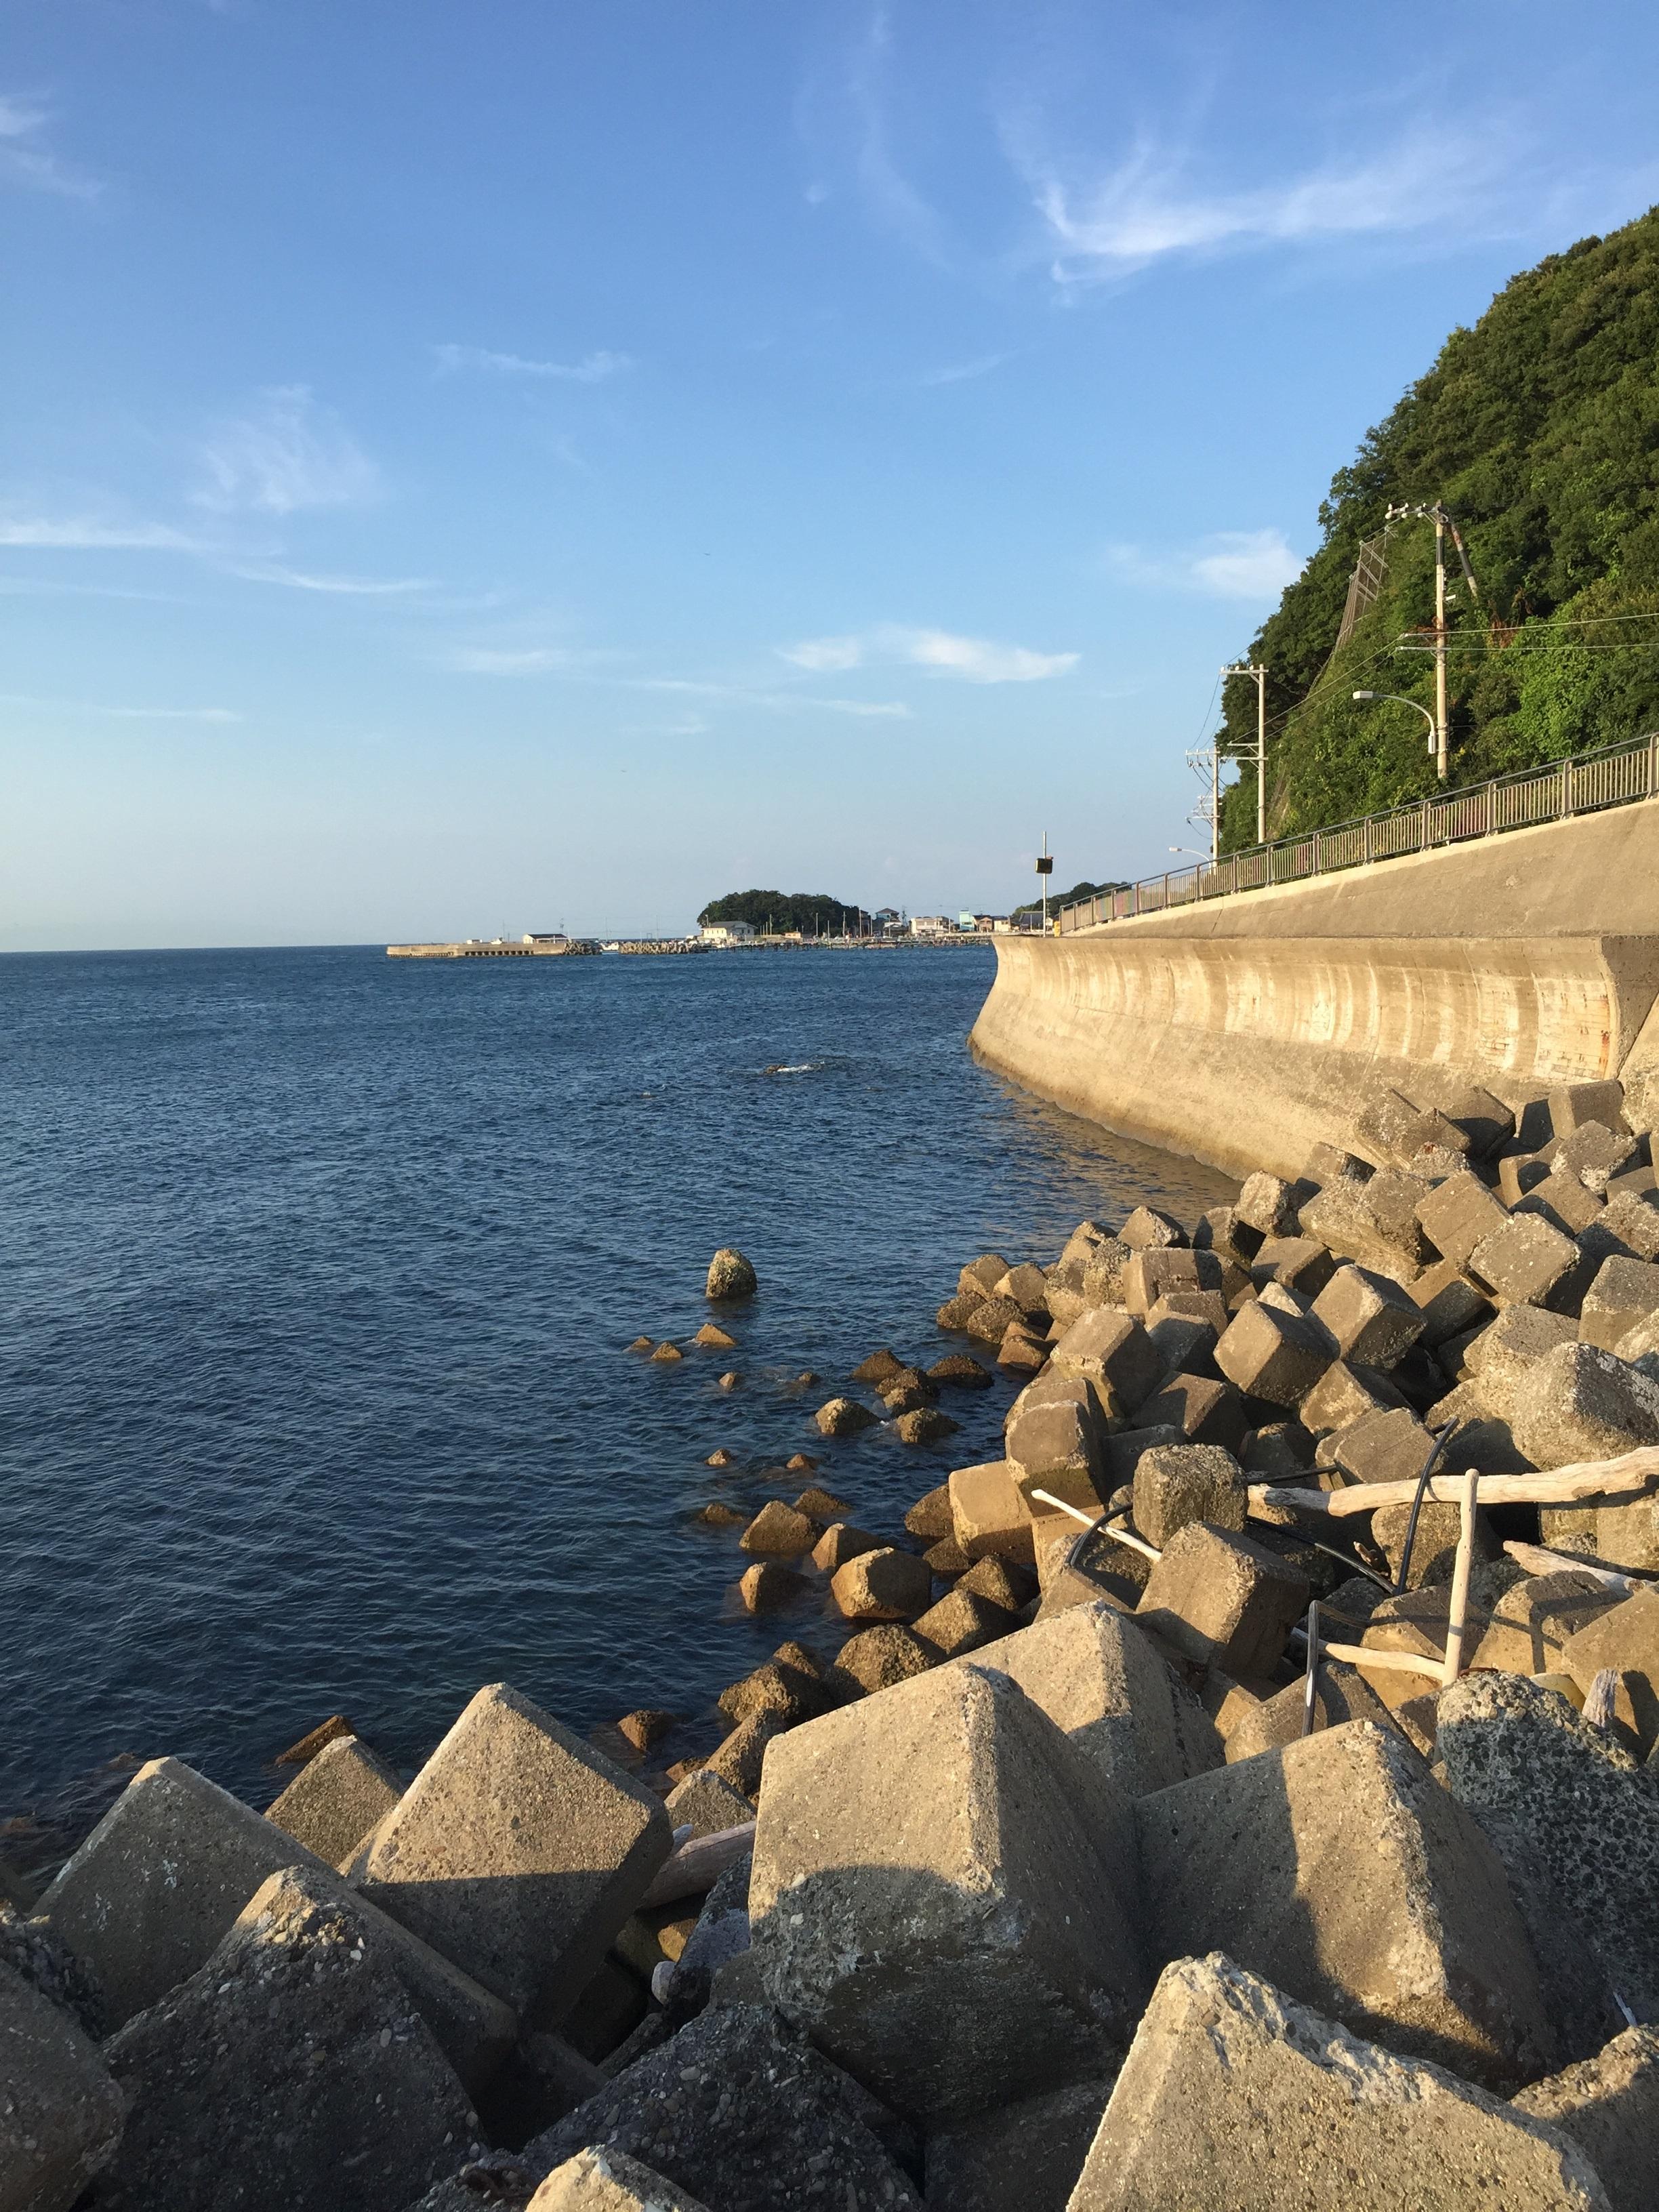 大川漁港の釣り場紹介、和歌山紀北の大阪近郊のファミリーフィッシングにオススメの漁港